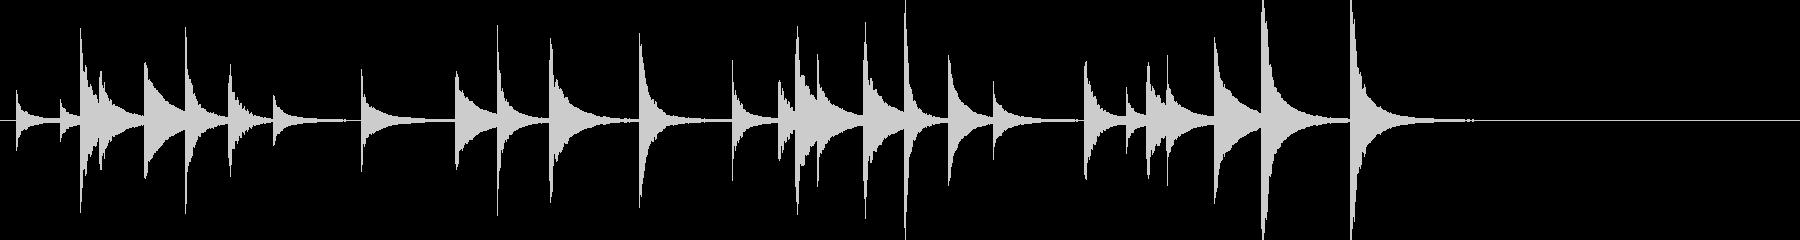 松虫2キラキラジングル鉄琴忙しいアジアンの未再生の波形